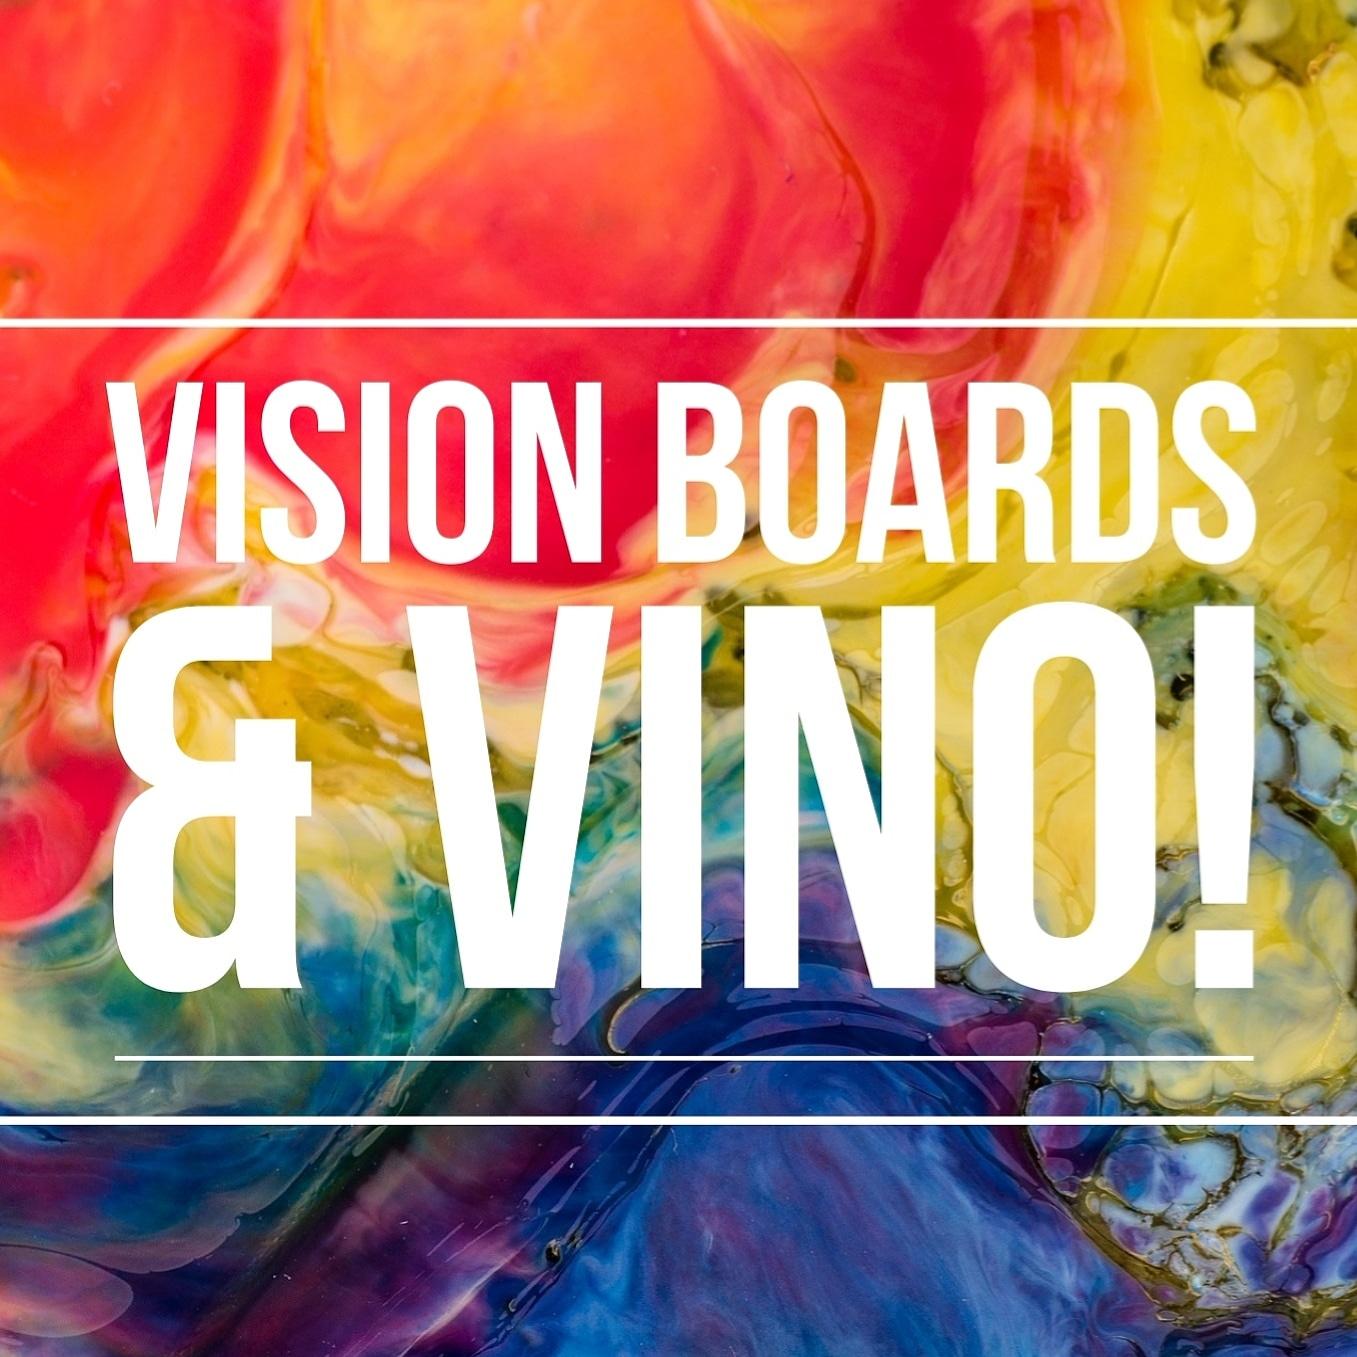 Visionboards & Vino